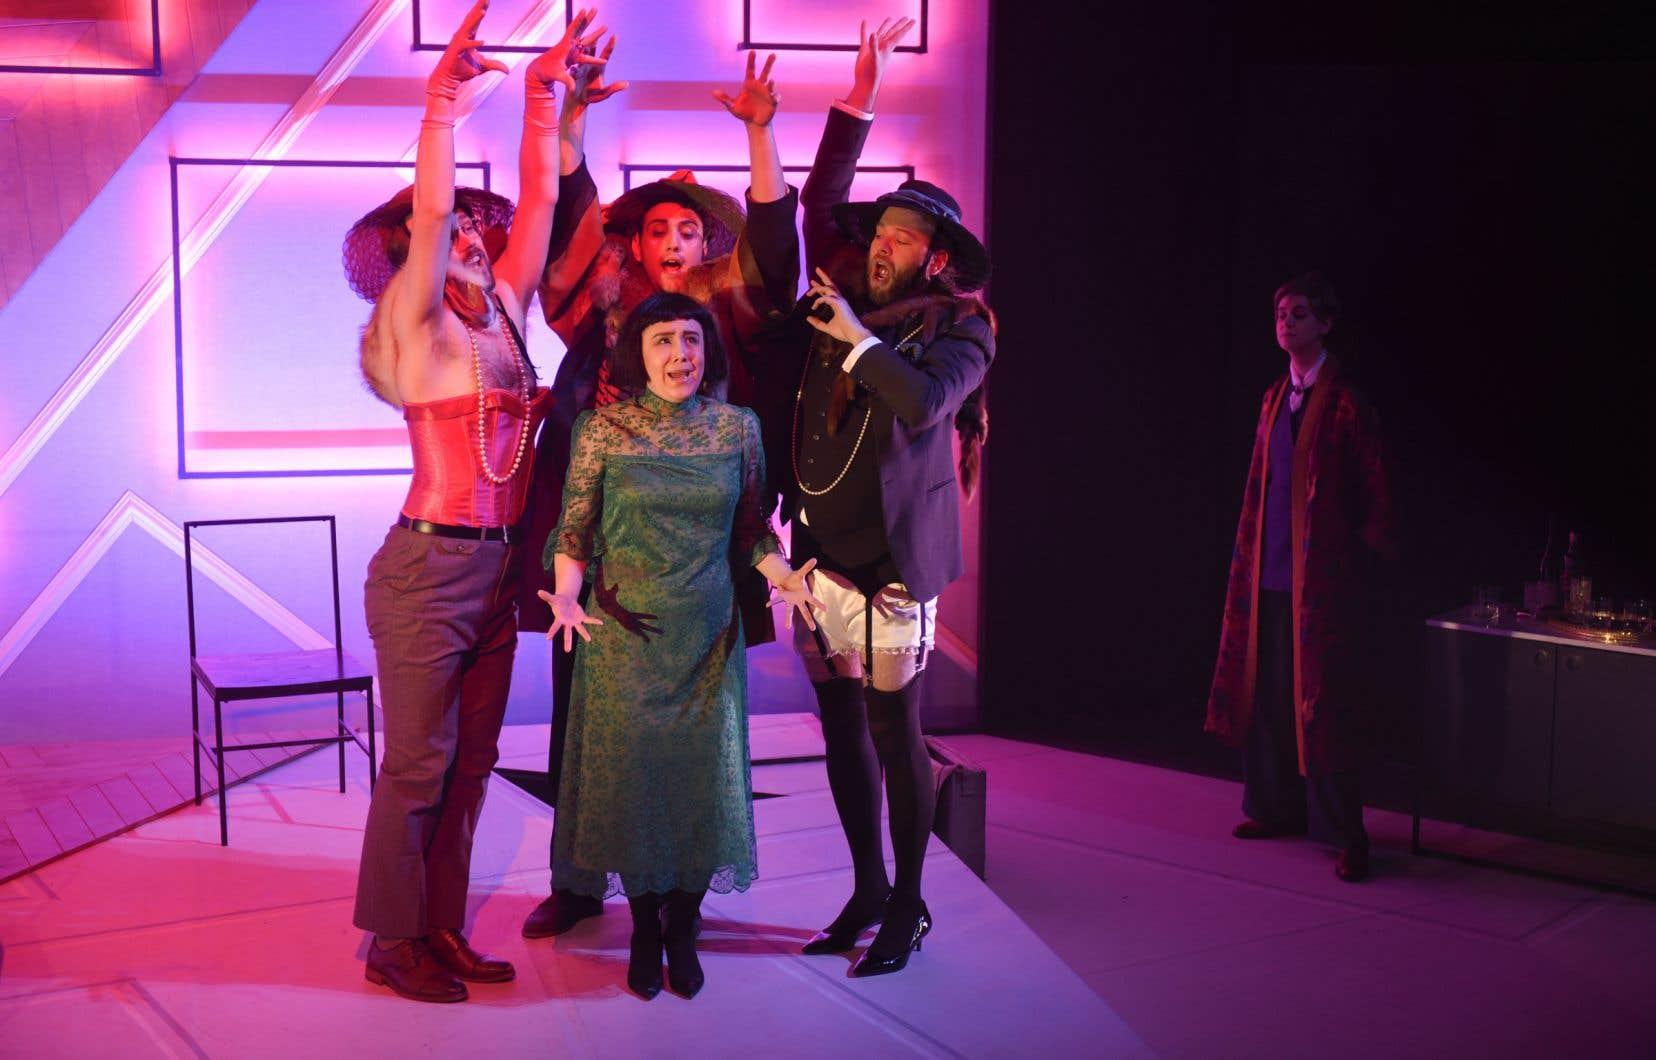 Le spectacle est monté avec beaucoup d'idées visuelles et défendu par une équipe très solide de jeunes chanteurs.